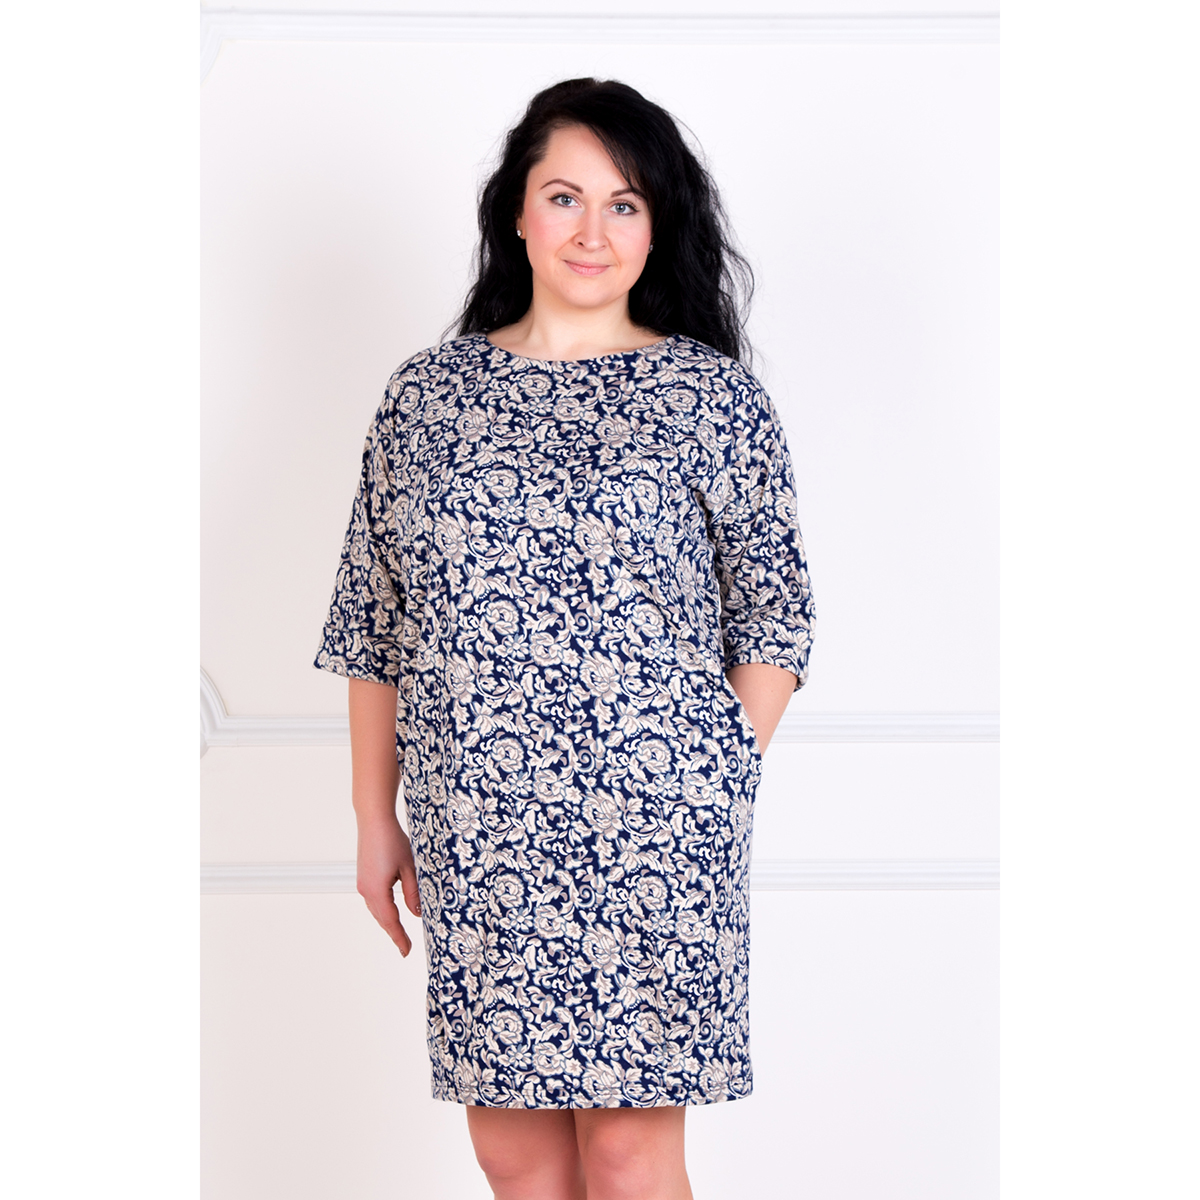 Женское платье Эдит, размер 44Платья<br>Обхват груди:88 см<br>Обхват талии:68 см<br>Обхват бедер:96 см<br>Рост:167 см<br><br>Тип: Жен. платье<br>Размер: 44<br>Материал: Милано